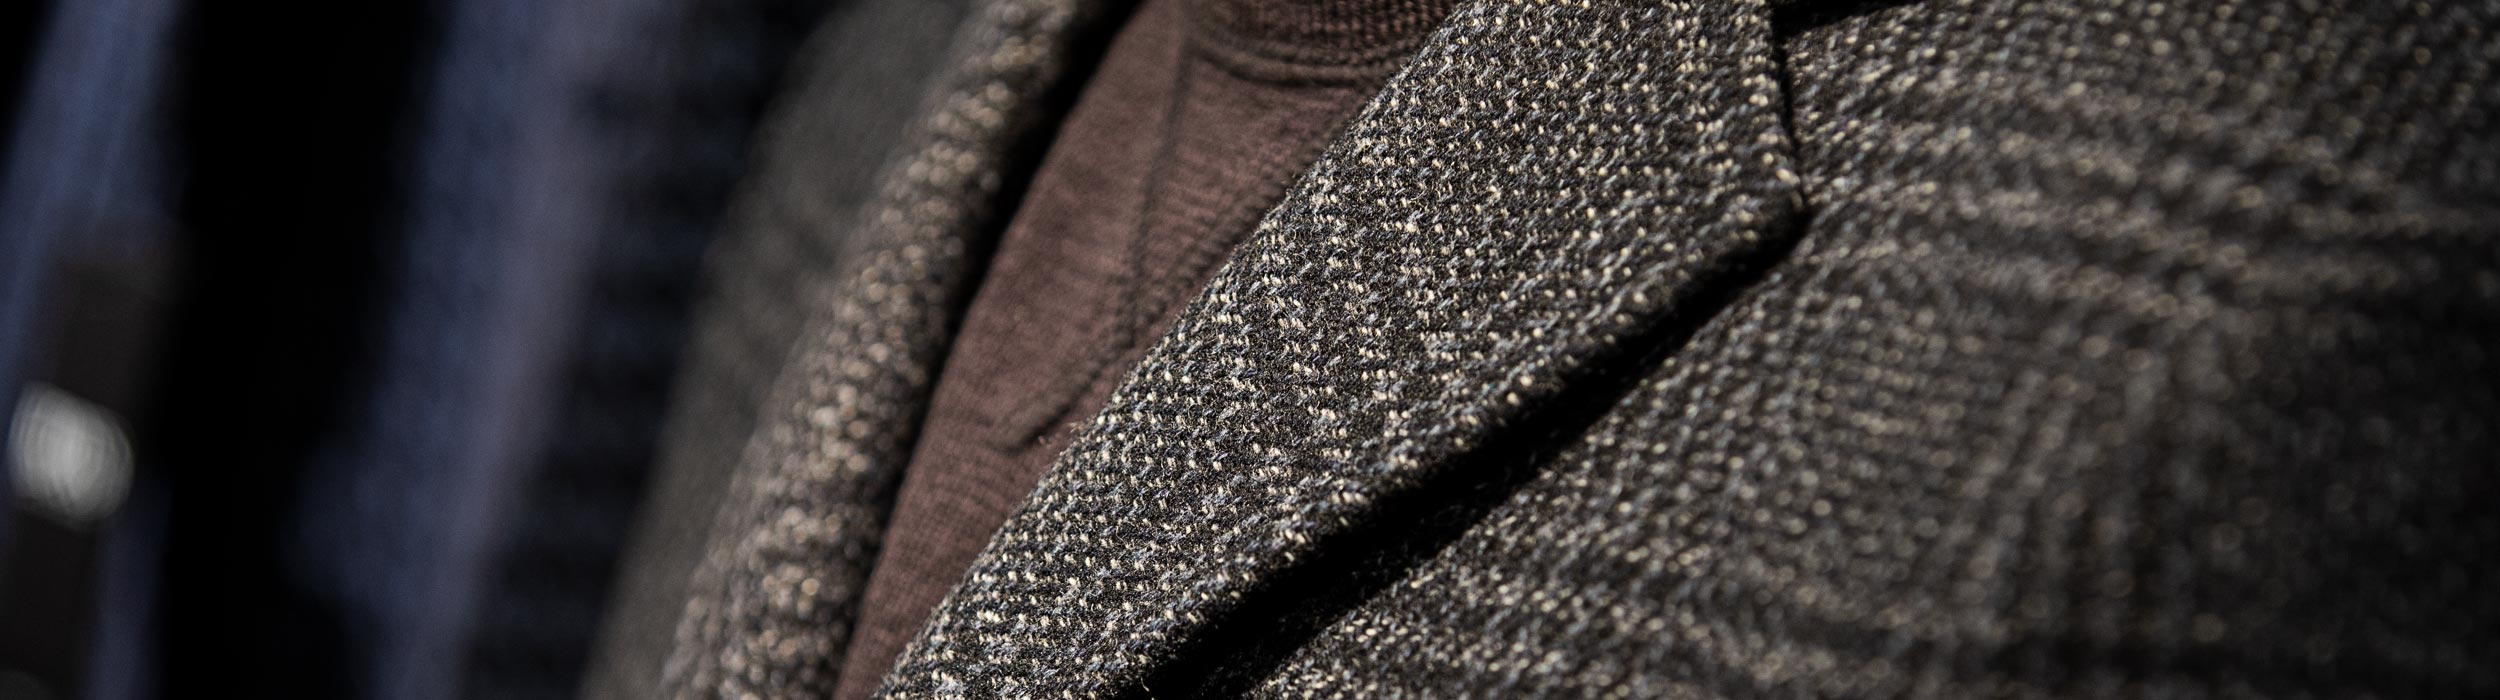 Tremark Herrmode kan förse dig med alla typer av kläder med hög kvalitet och stil